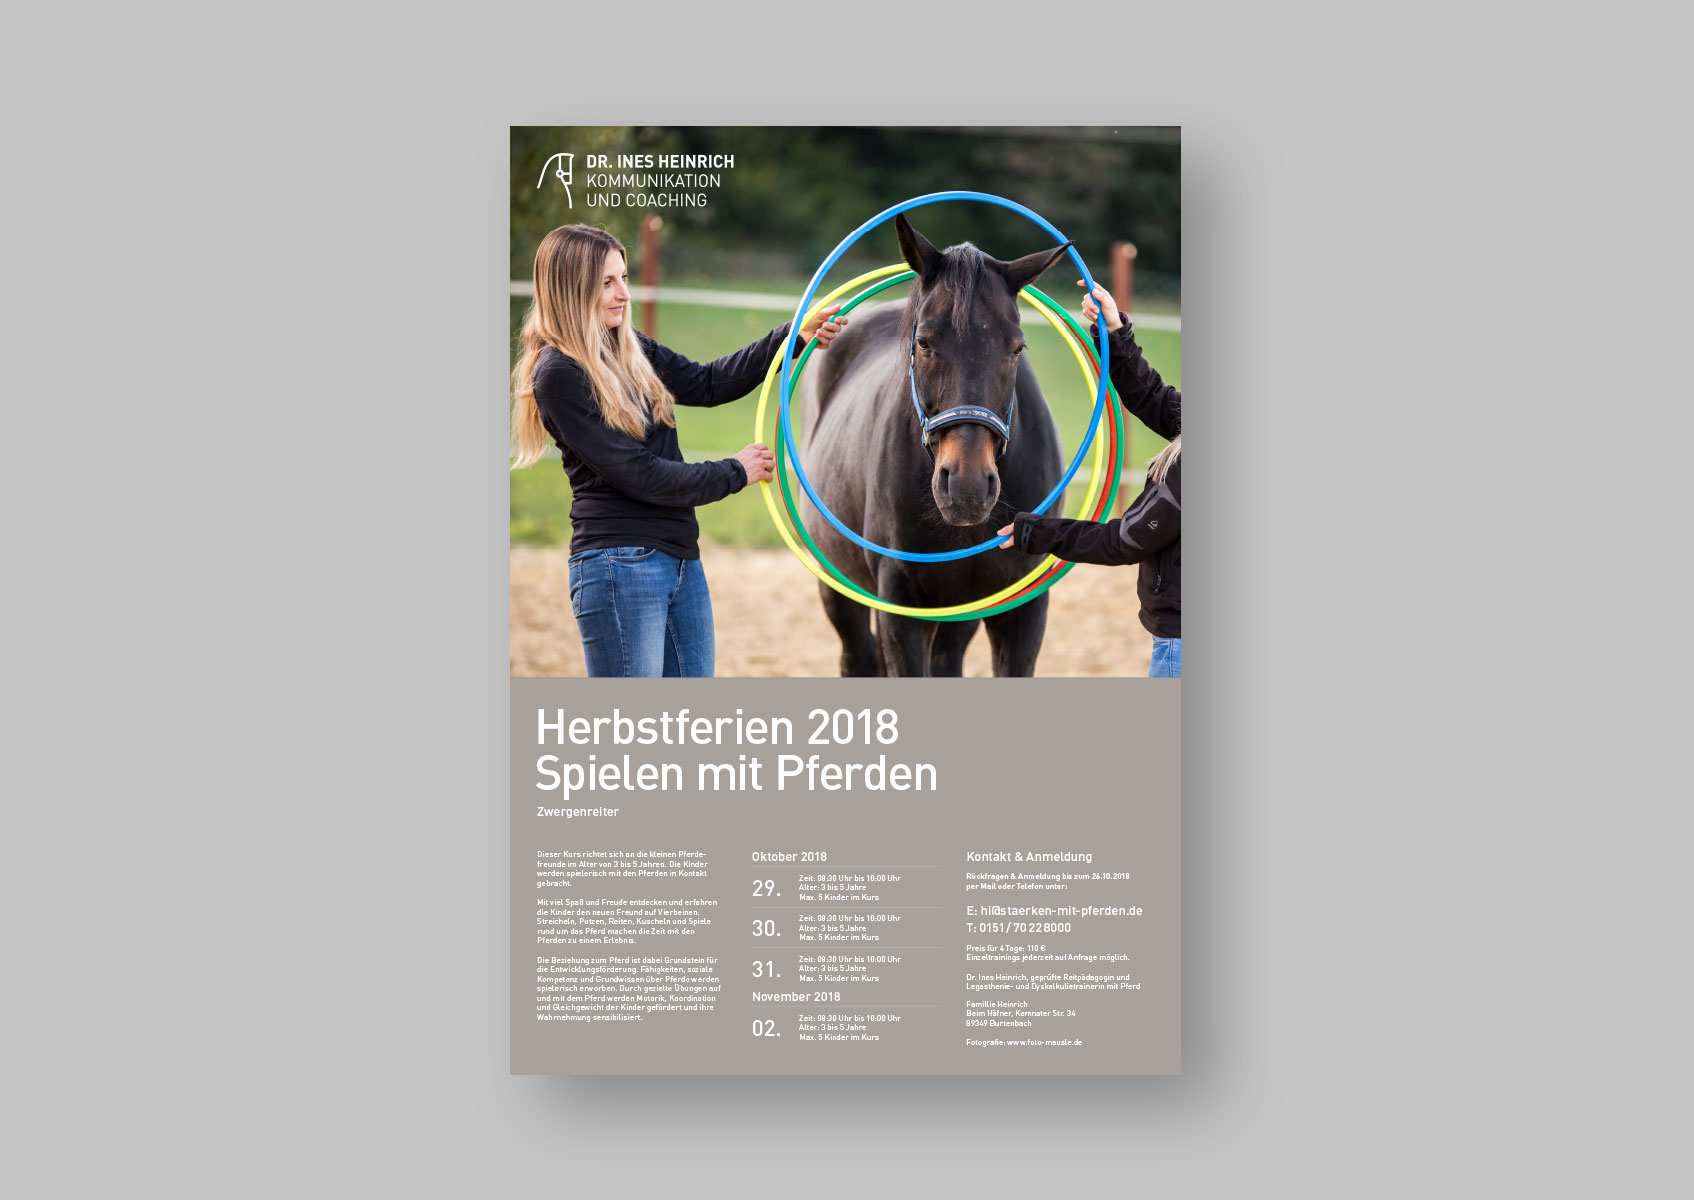 Herbstferien 2018: Lernen mit Pferden